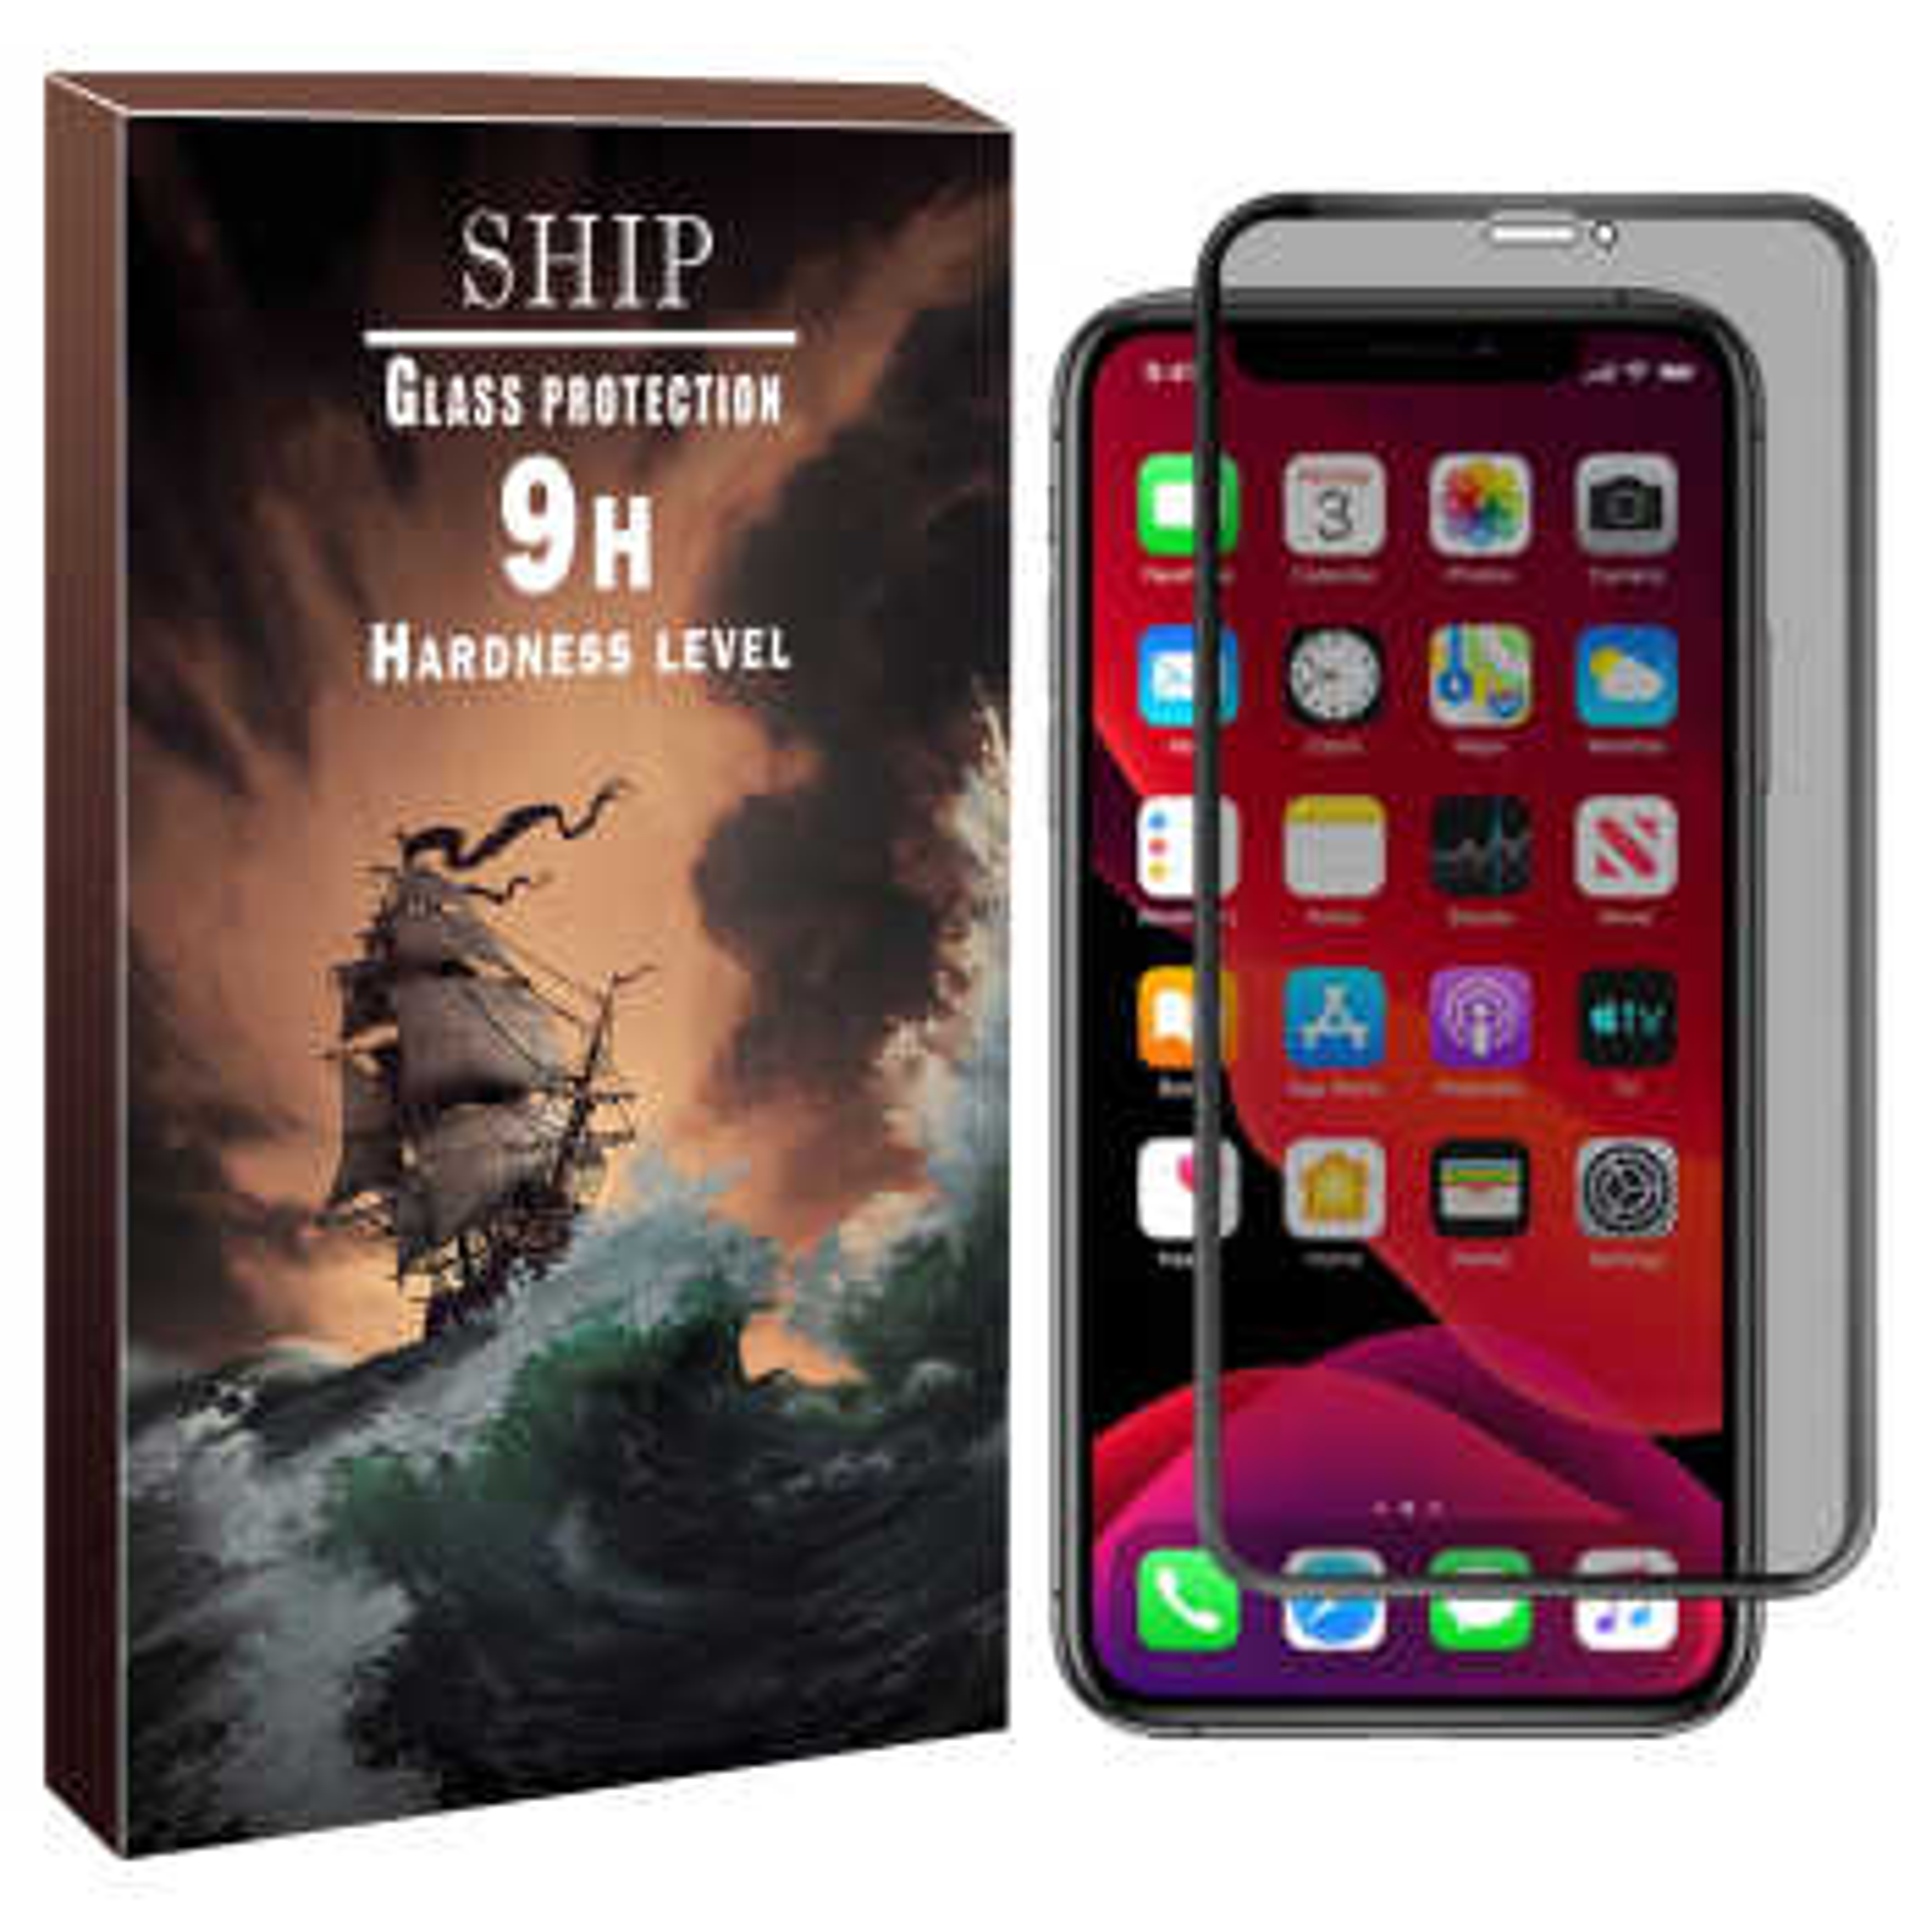 محافظ صفحه نمایش حریم شخصی شیپ مدل FUM-01 مناسب برای گوشی موبایل اپل Iphone XR